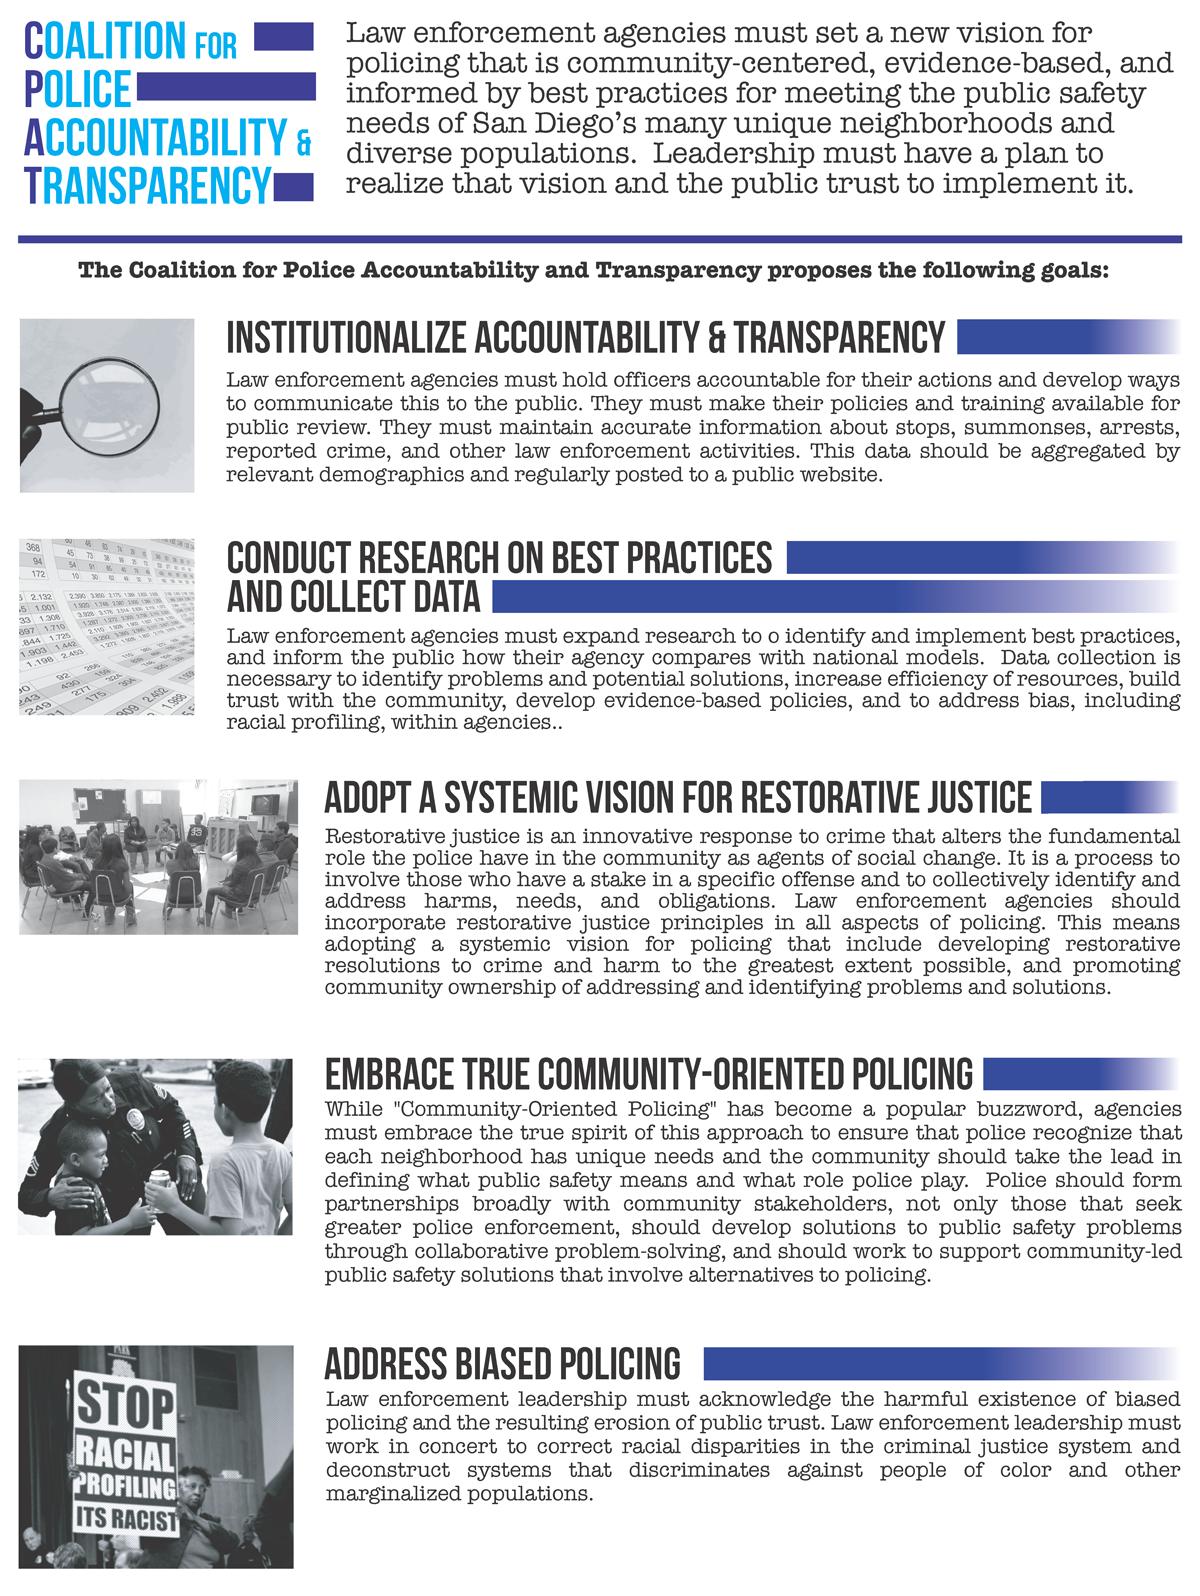 CPAT goals for law enforcement